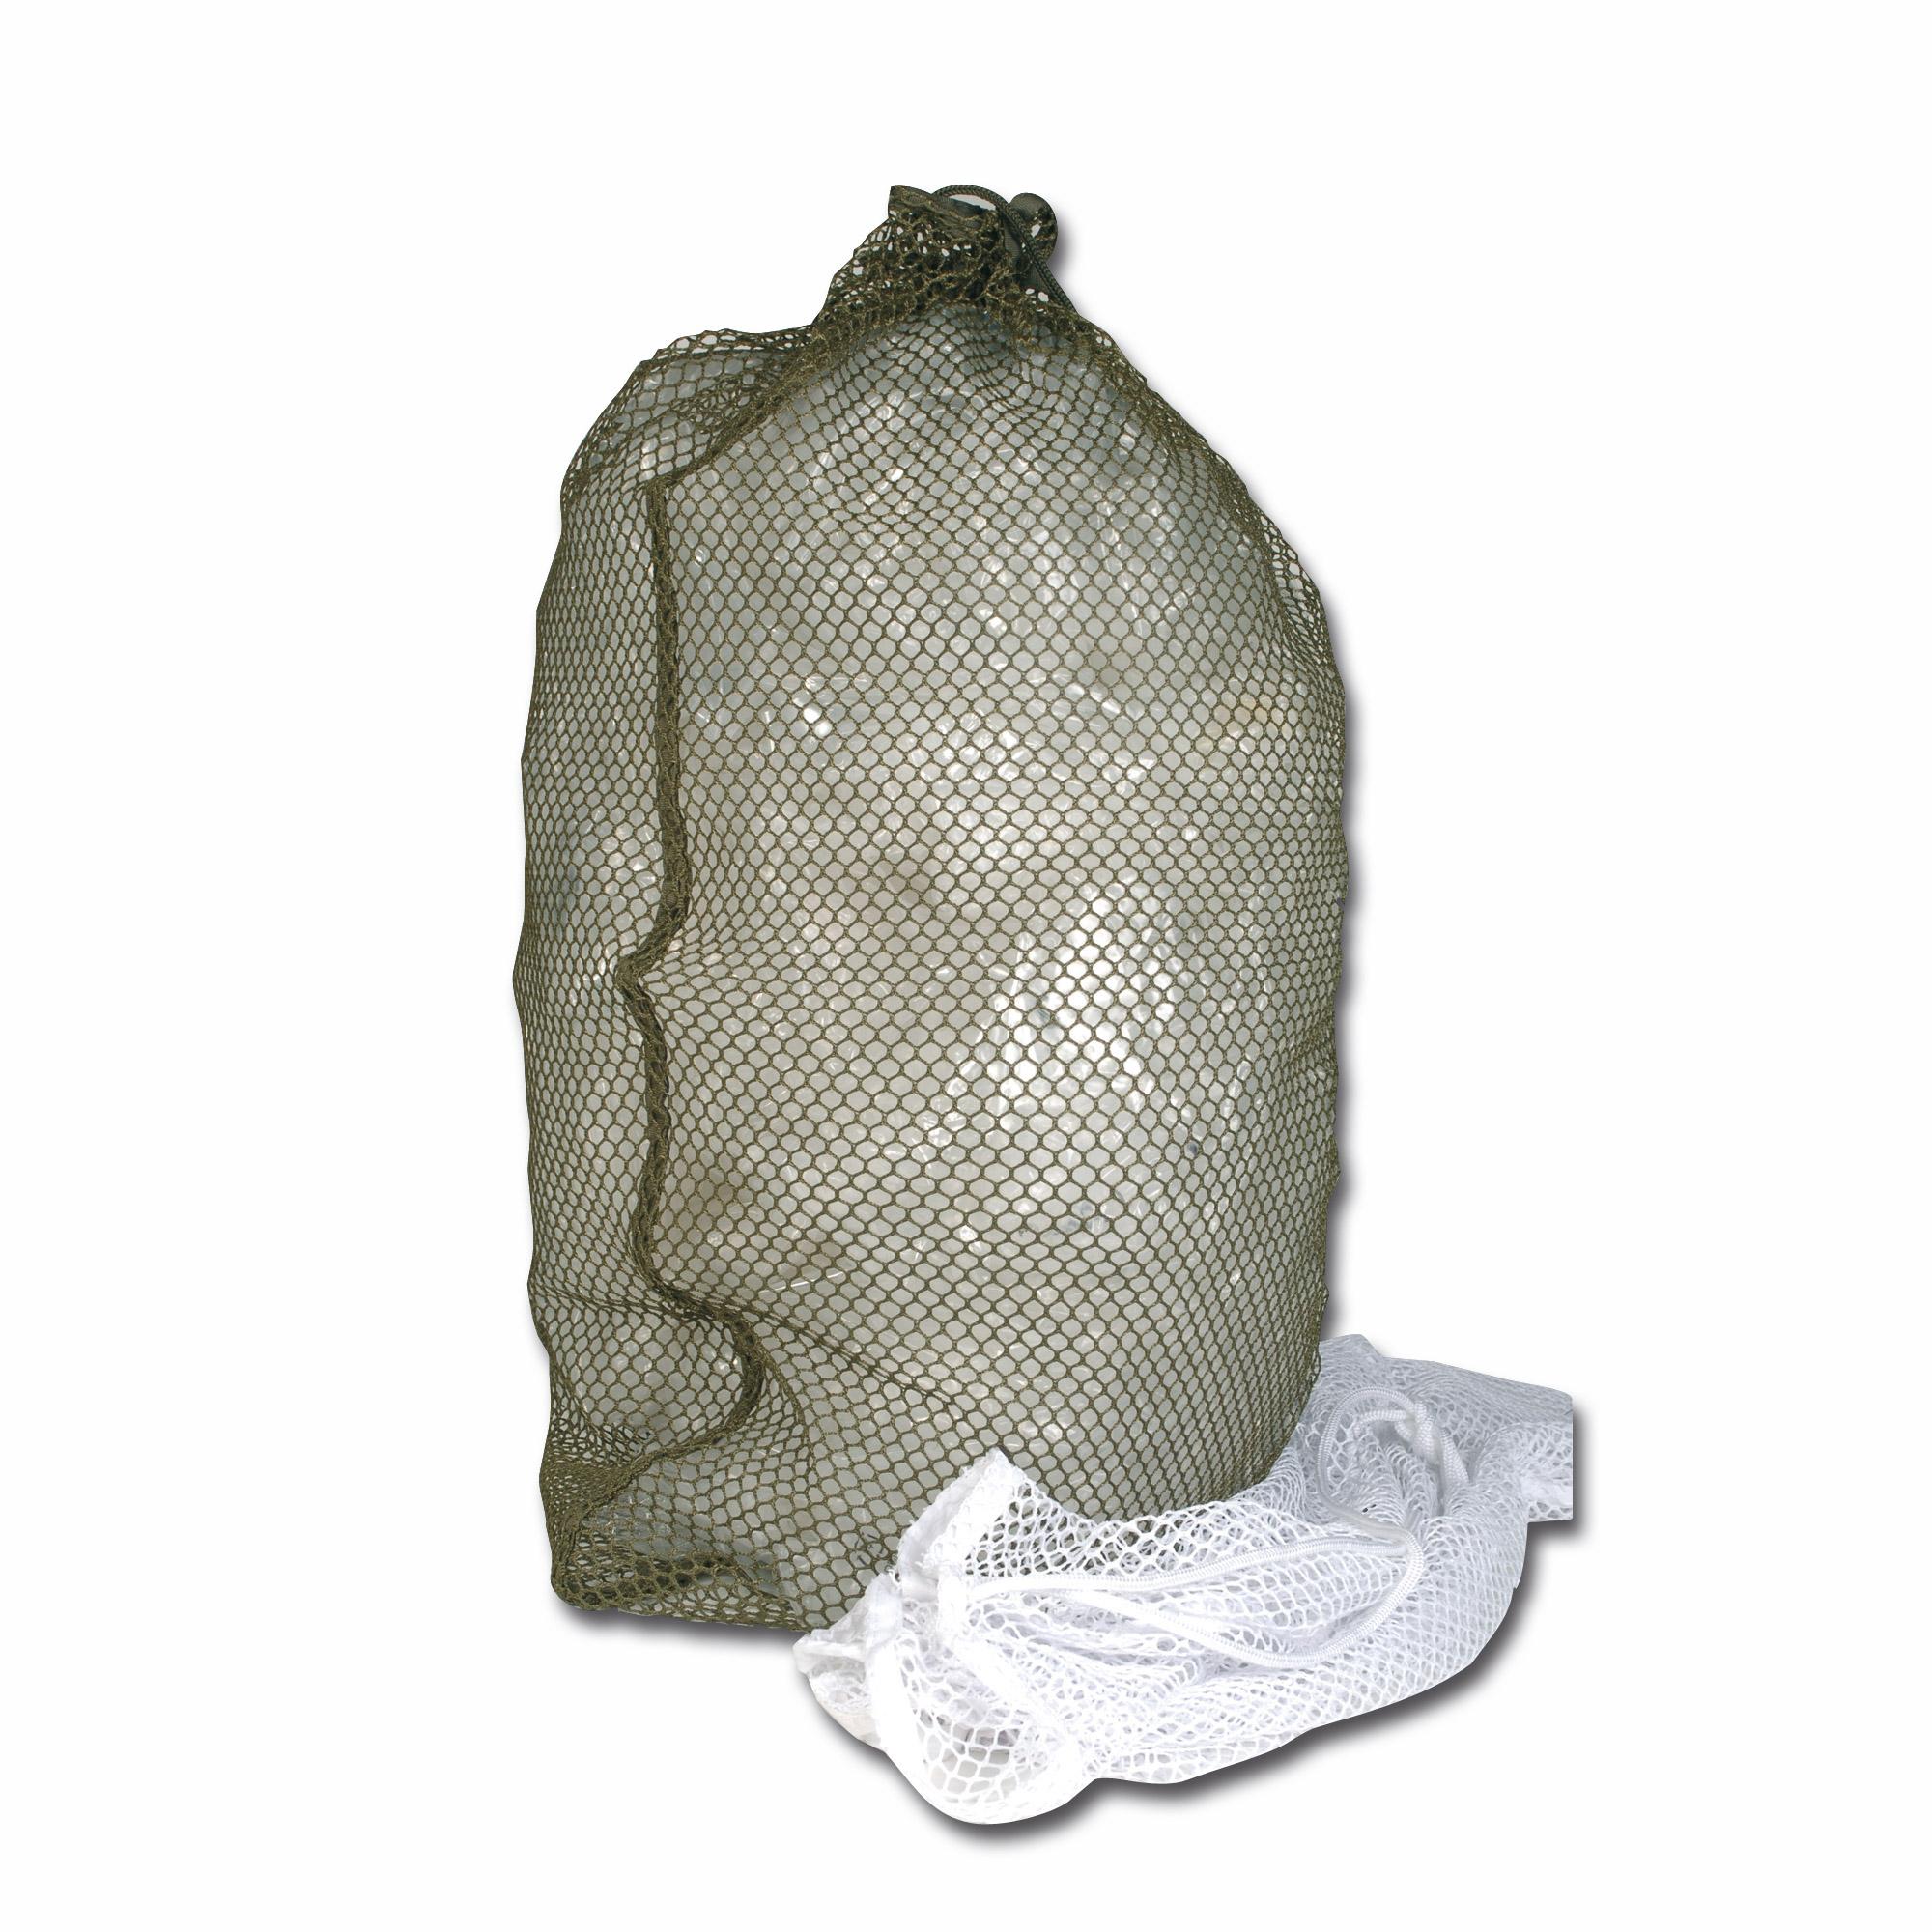 Wäschesack Netz oliv